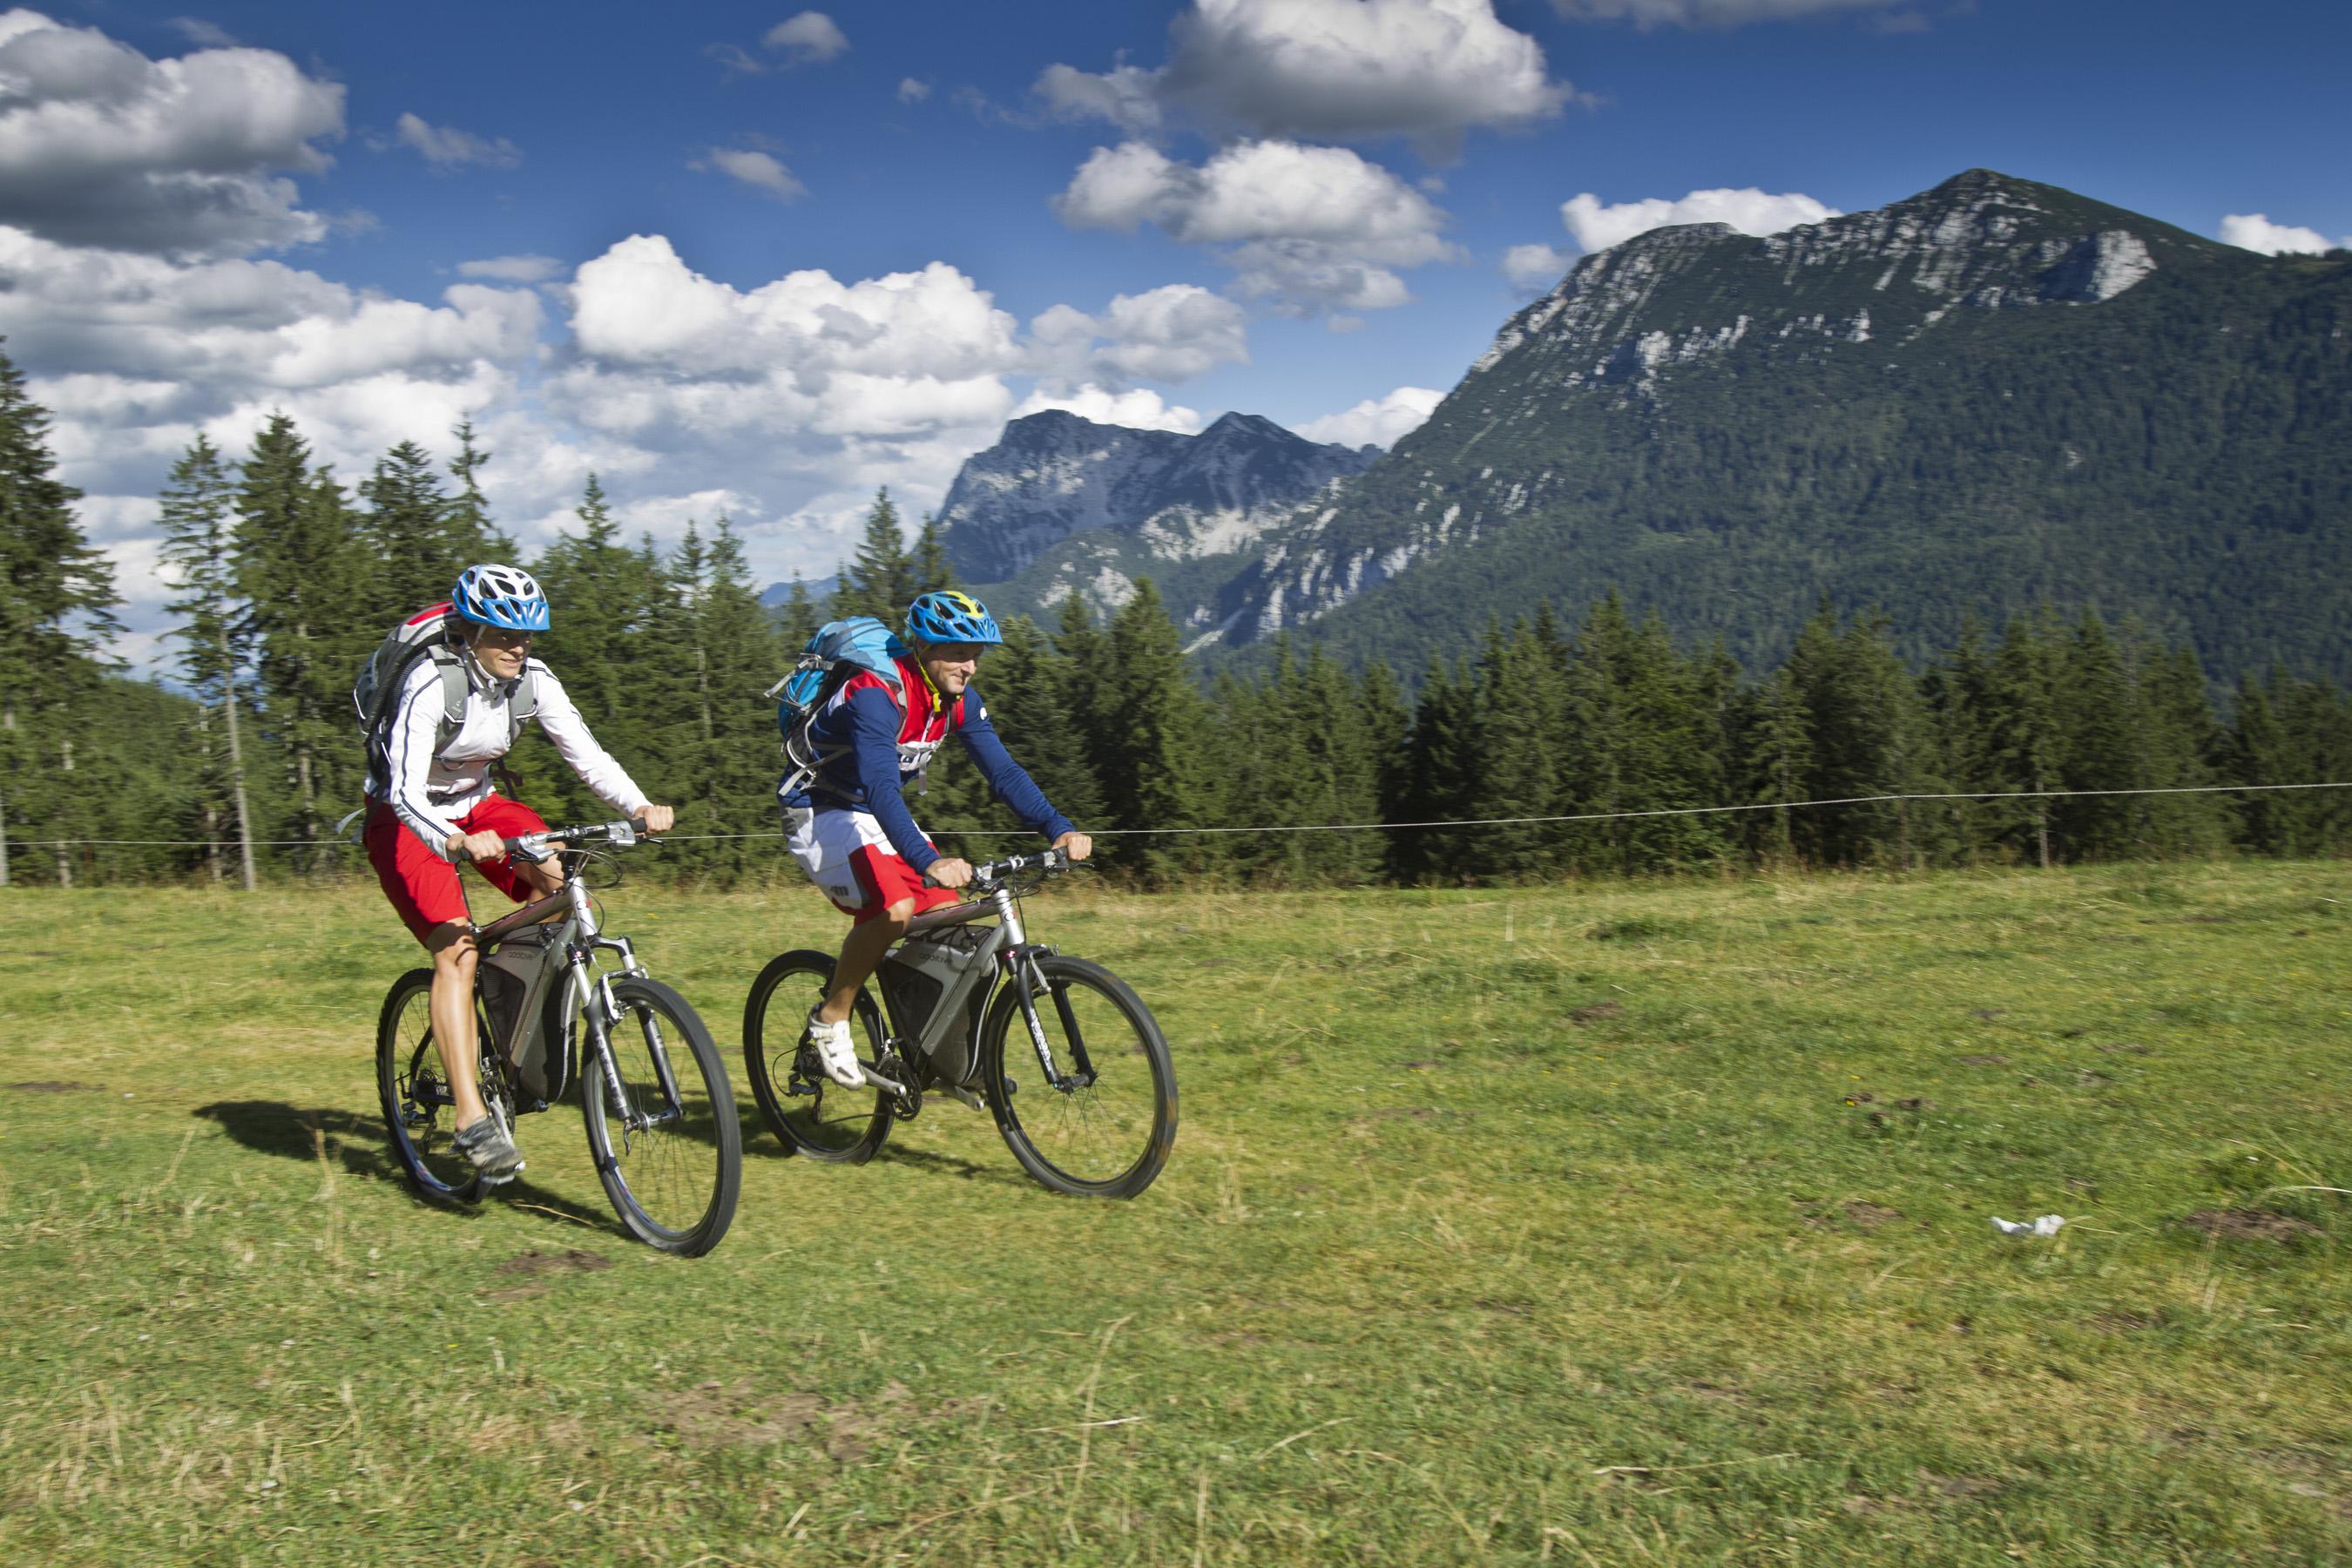 Inzell Biking